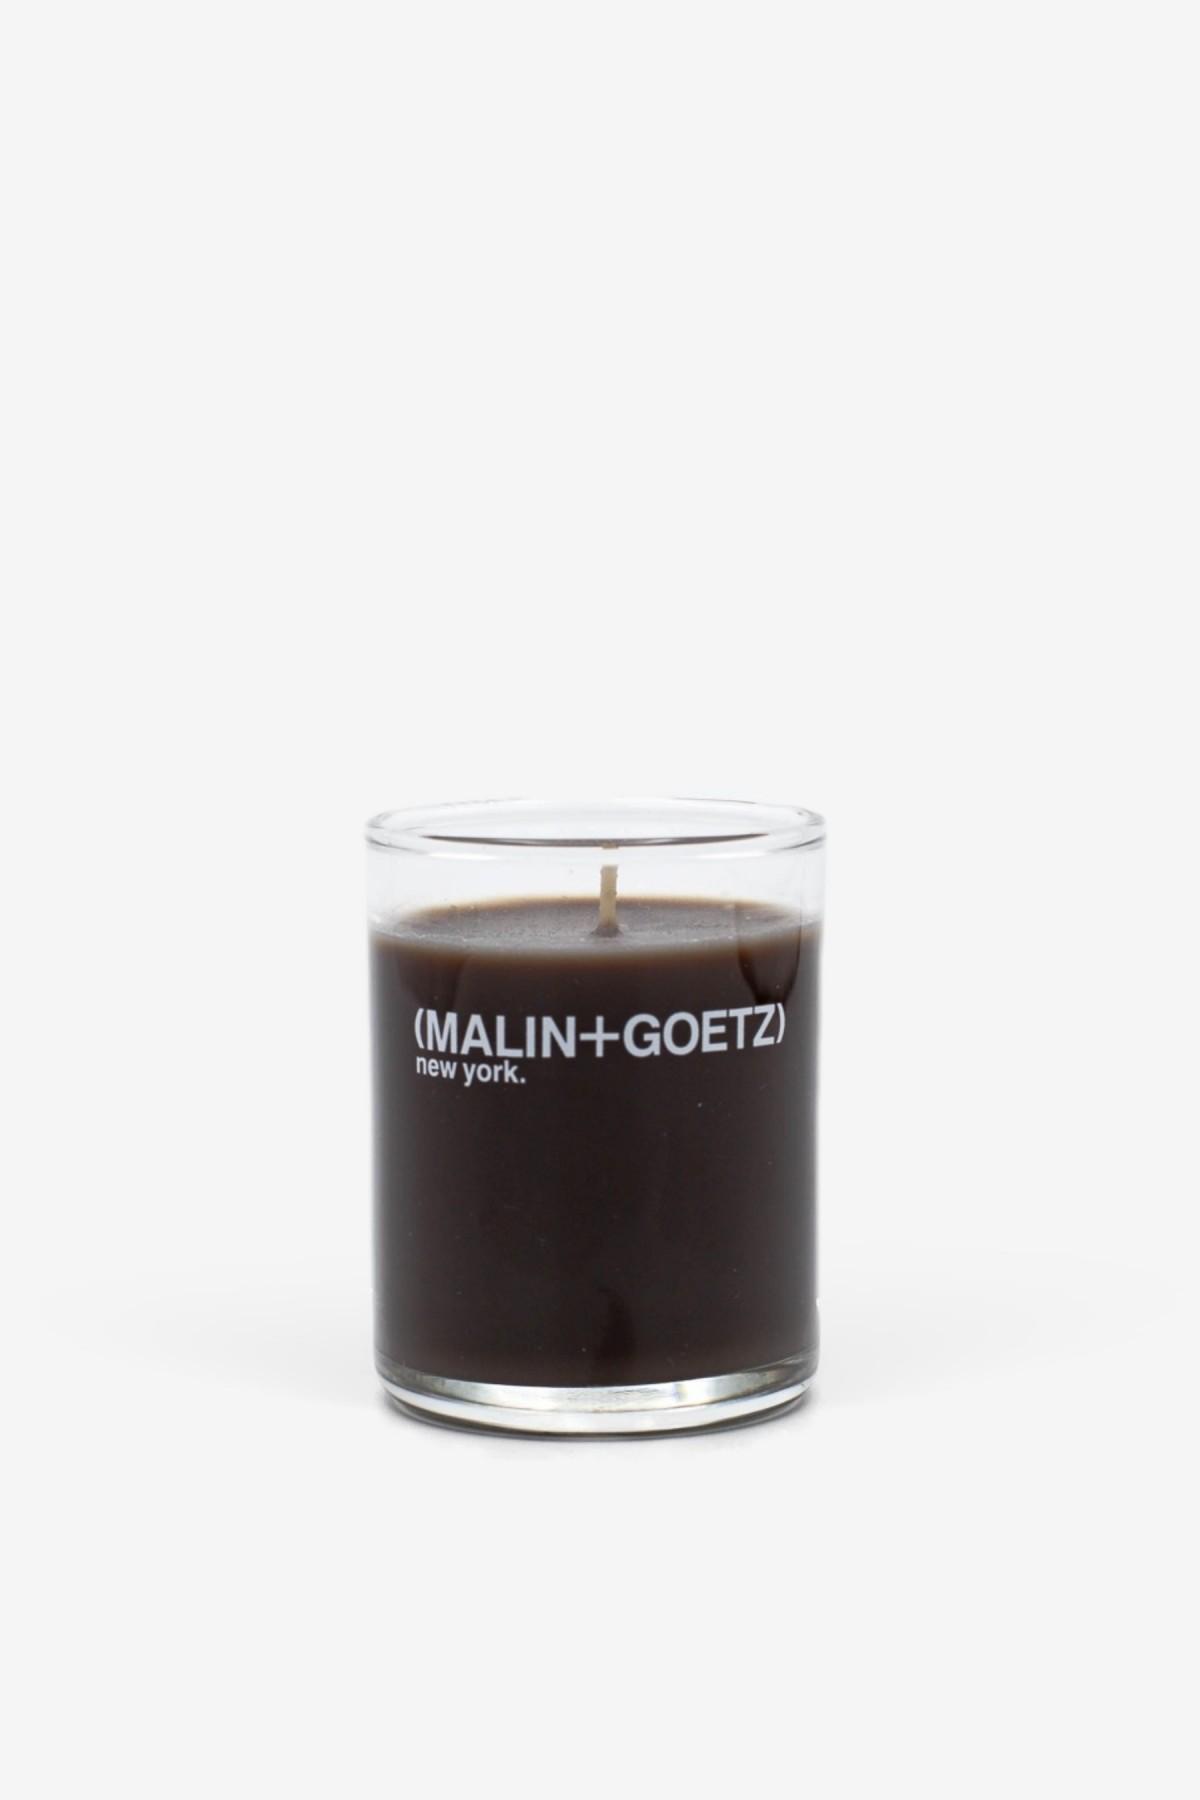 Malin+Goetz Dark Rum Votive 67g in